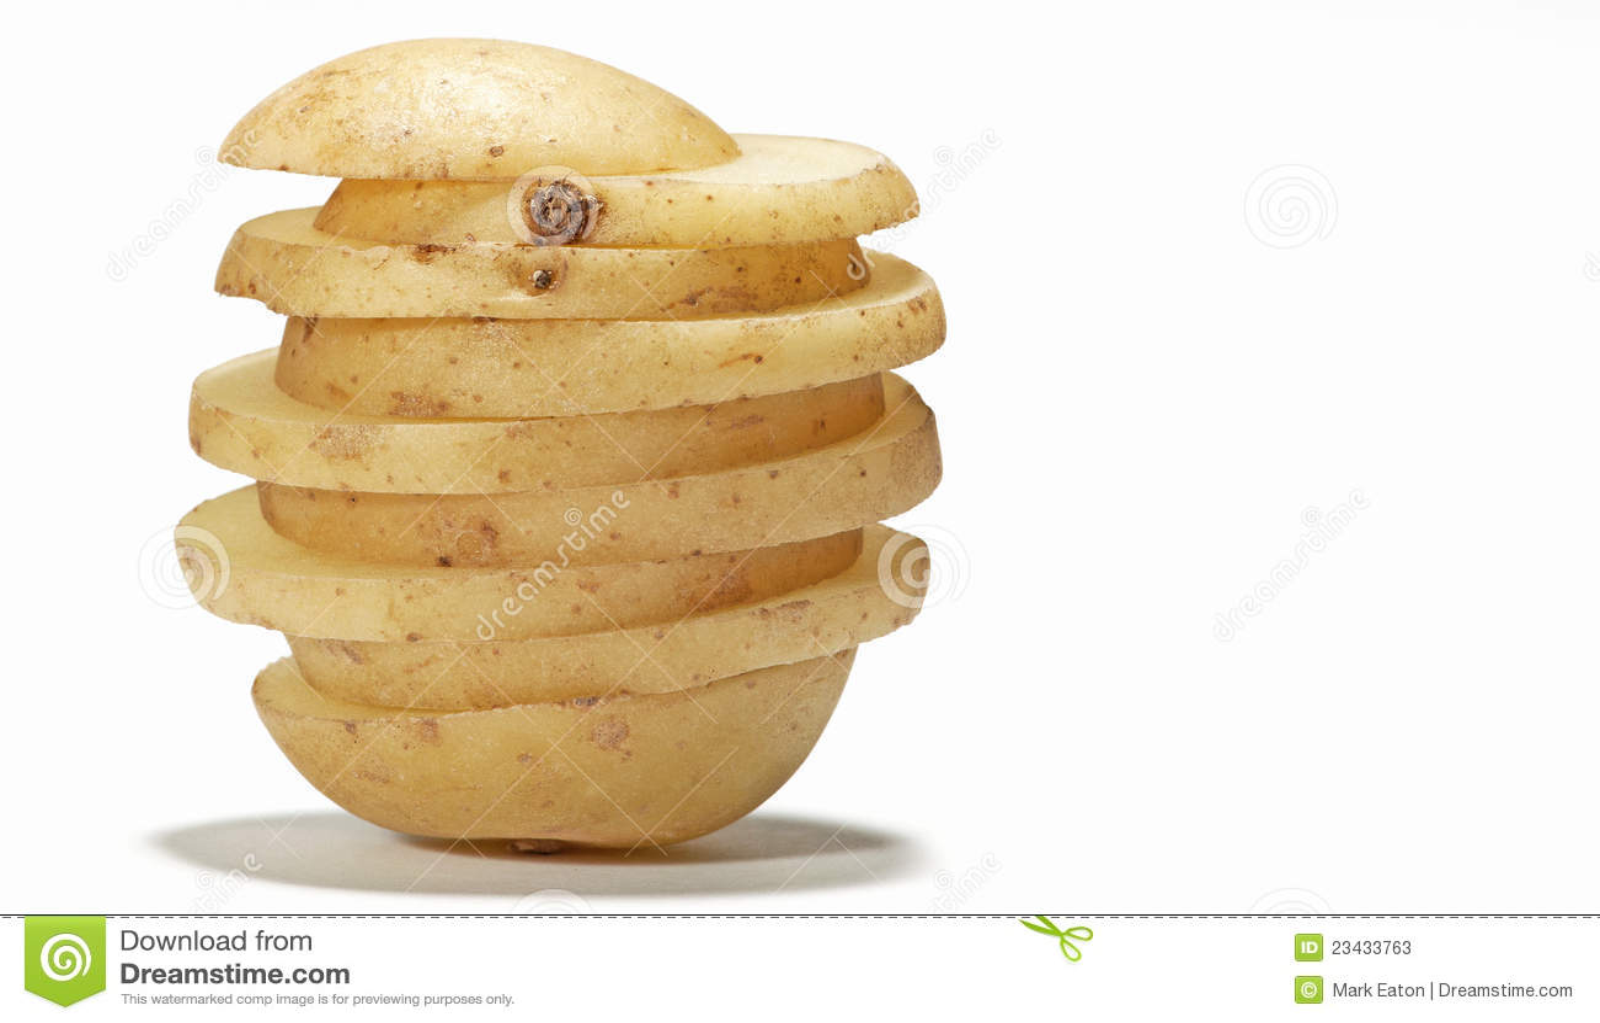 Pomme de terre coupée en tranches